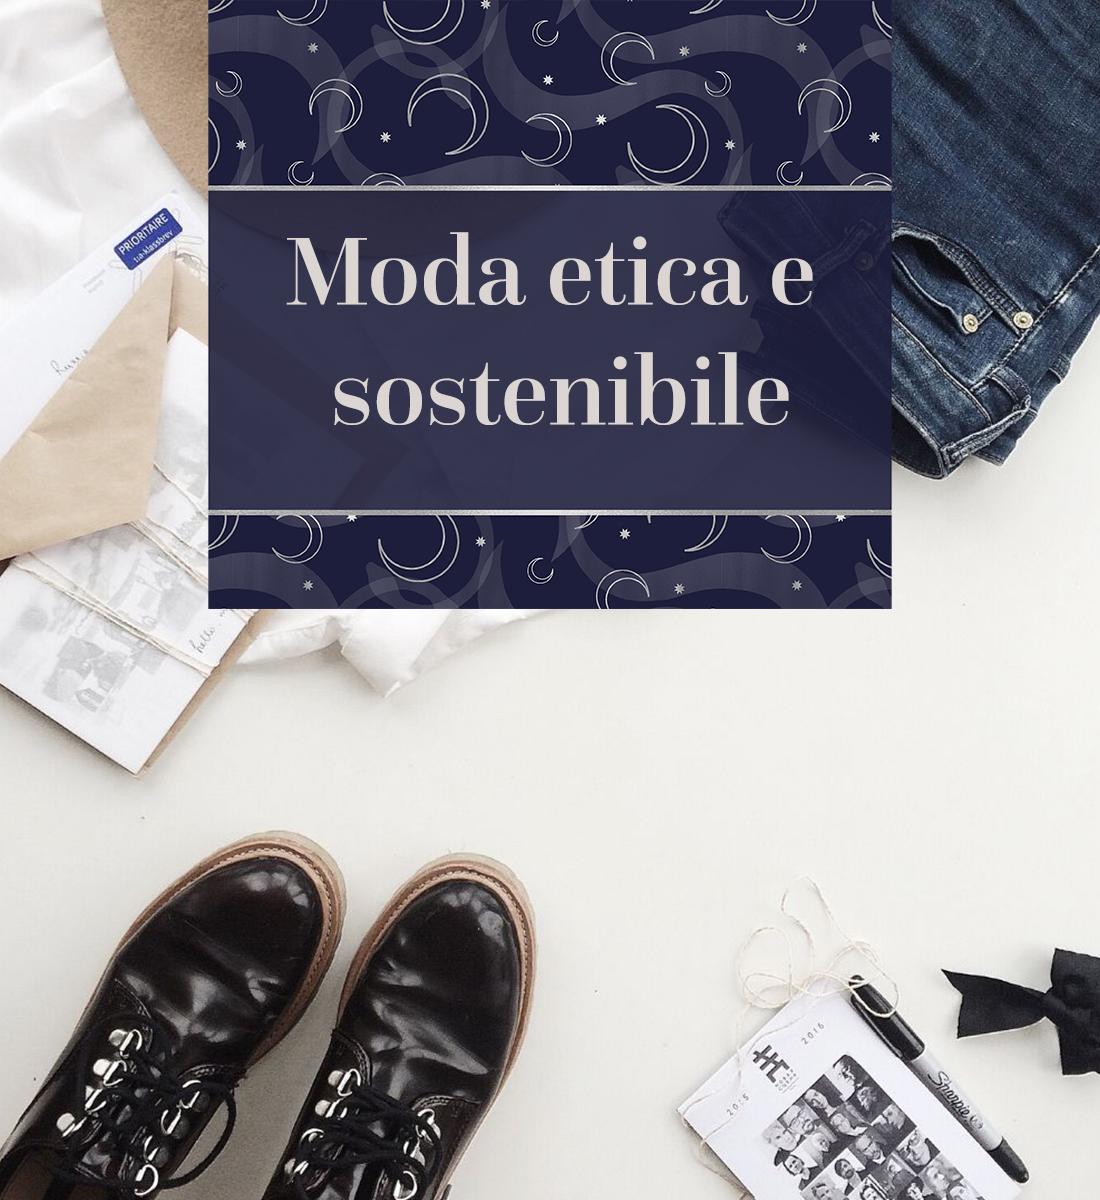 Moda etica e sostenibile